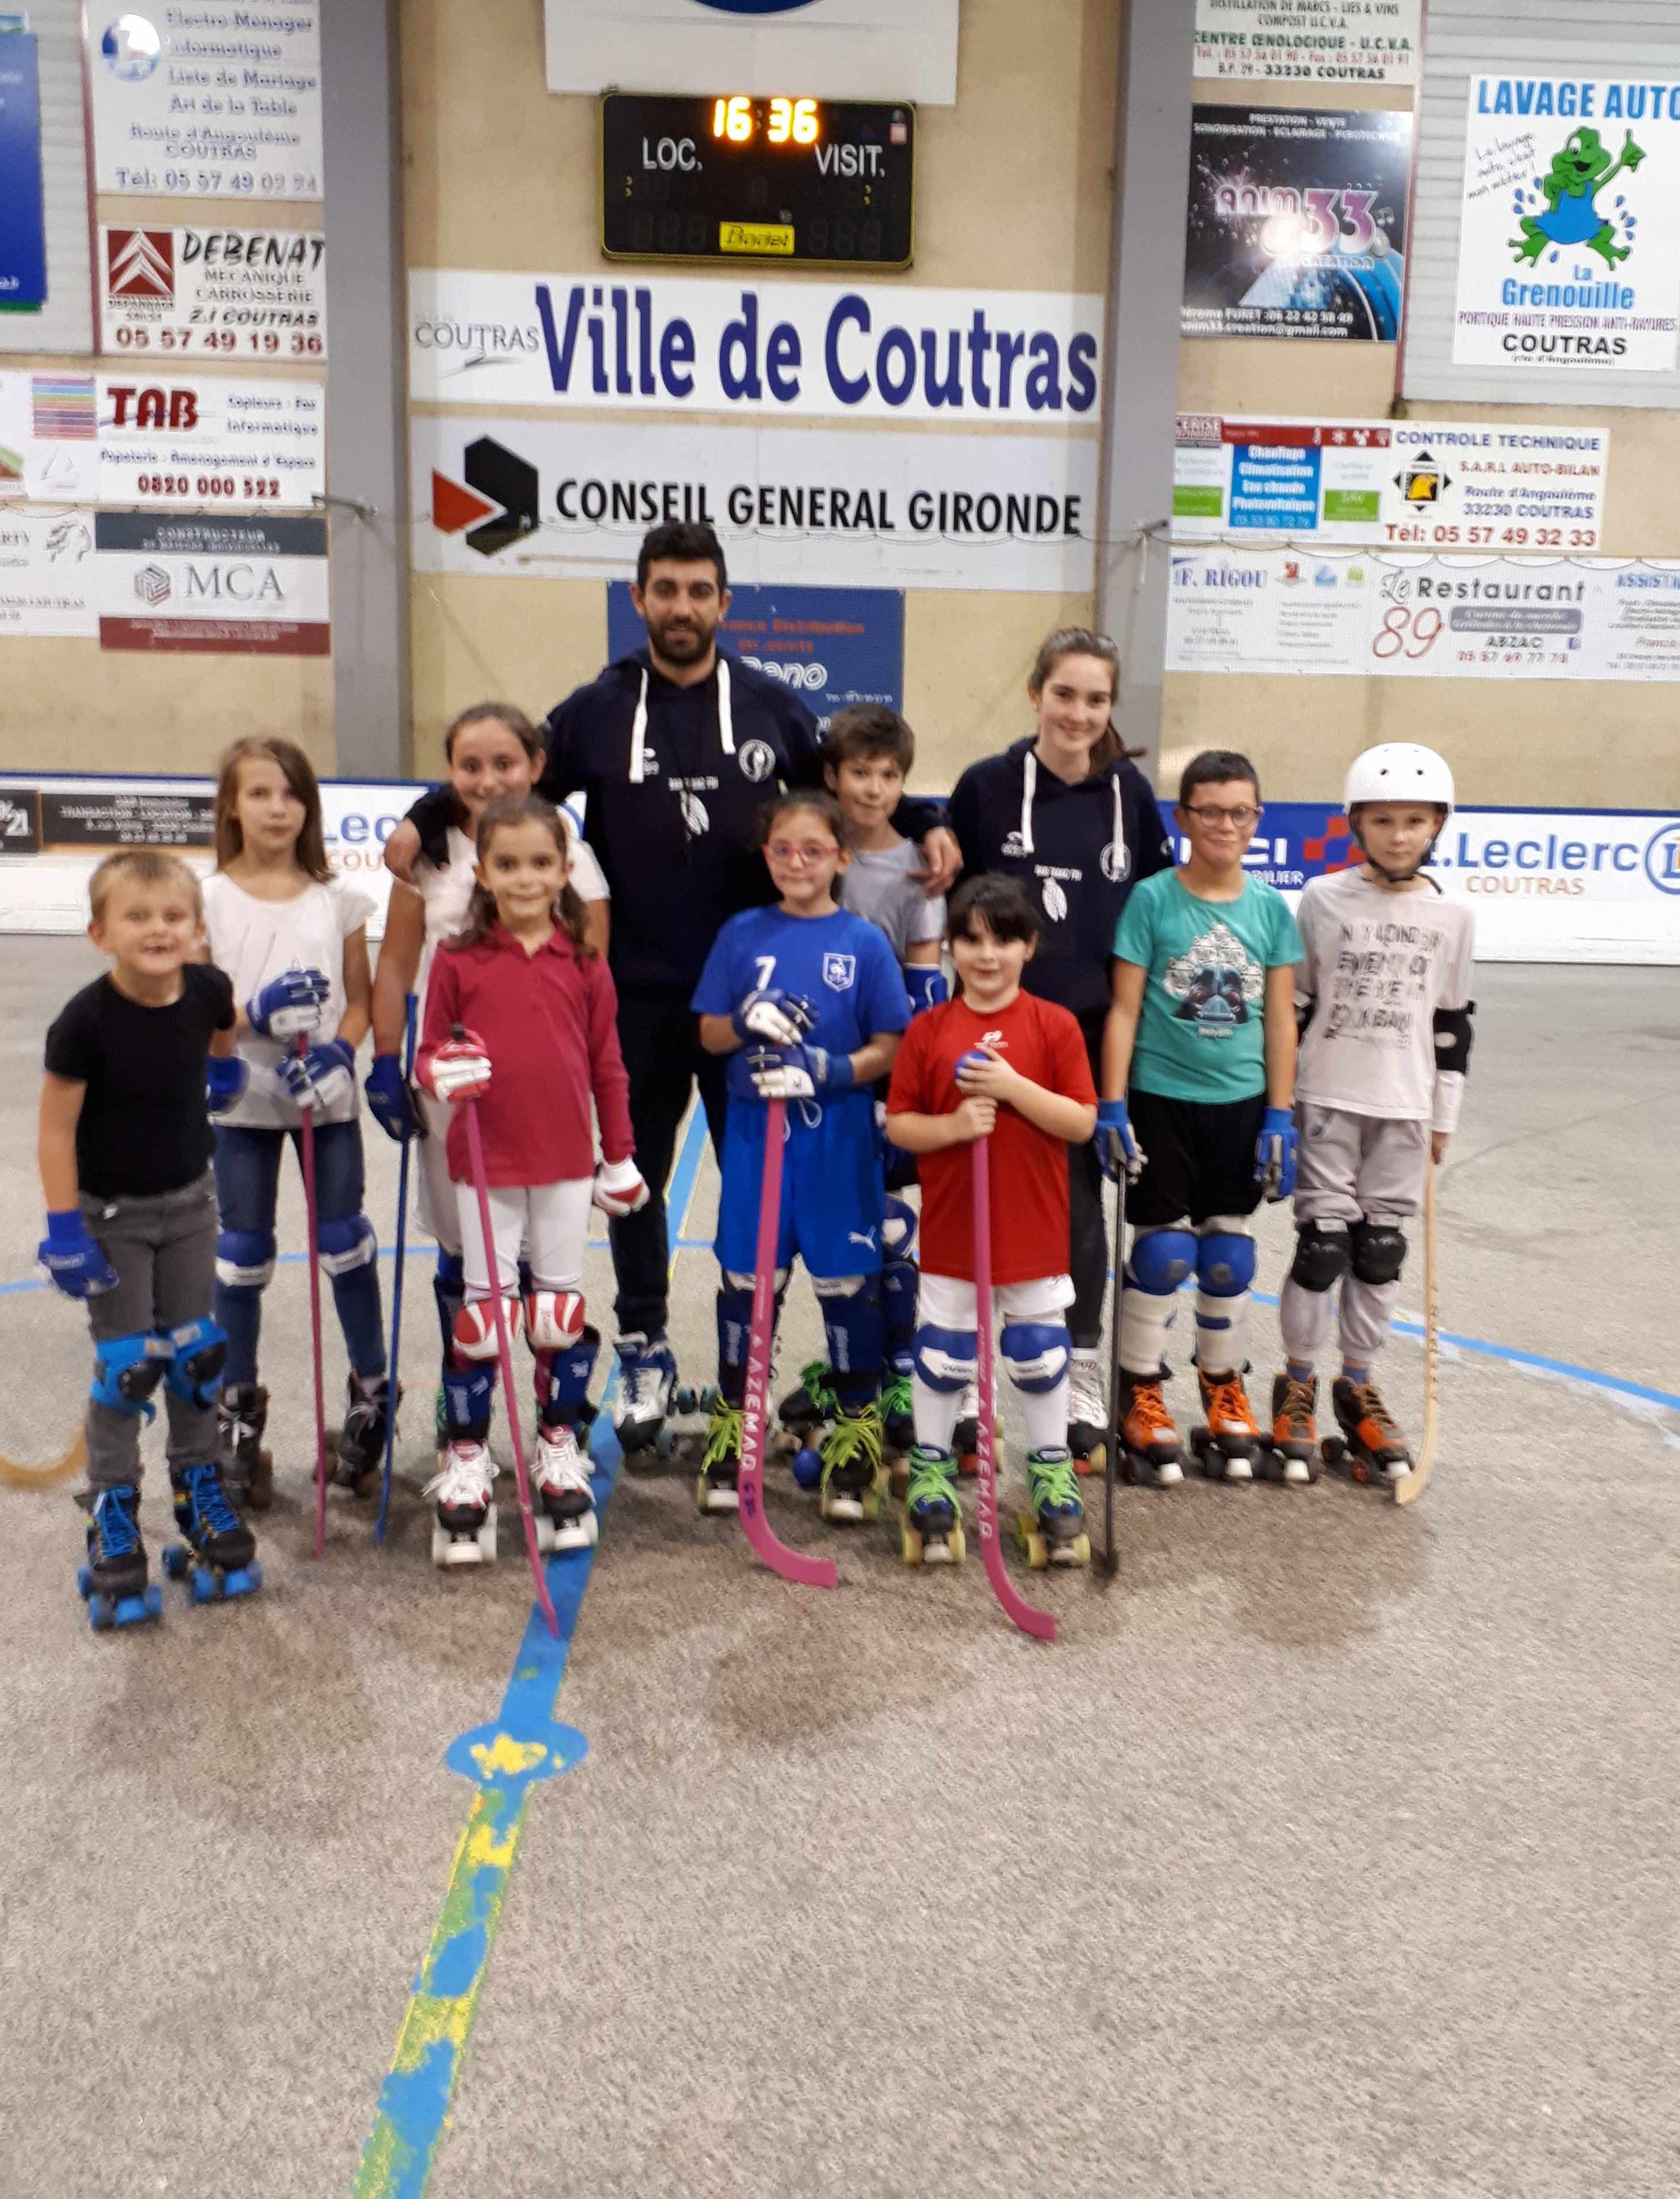 Xavier et Aliénor nos 2 éducateurs de l école de rink-hockey Ecole de  patinage et école de rink, une même tenue pour une même passion, le rinkOK bb1582232f09